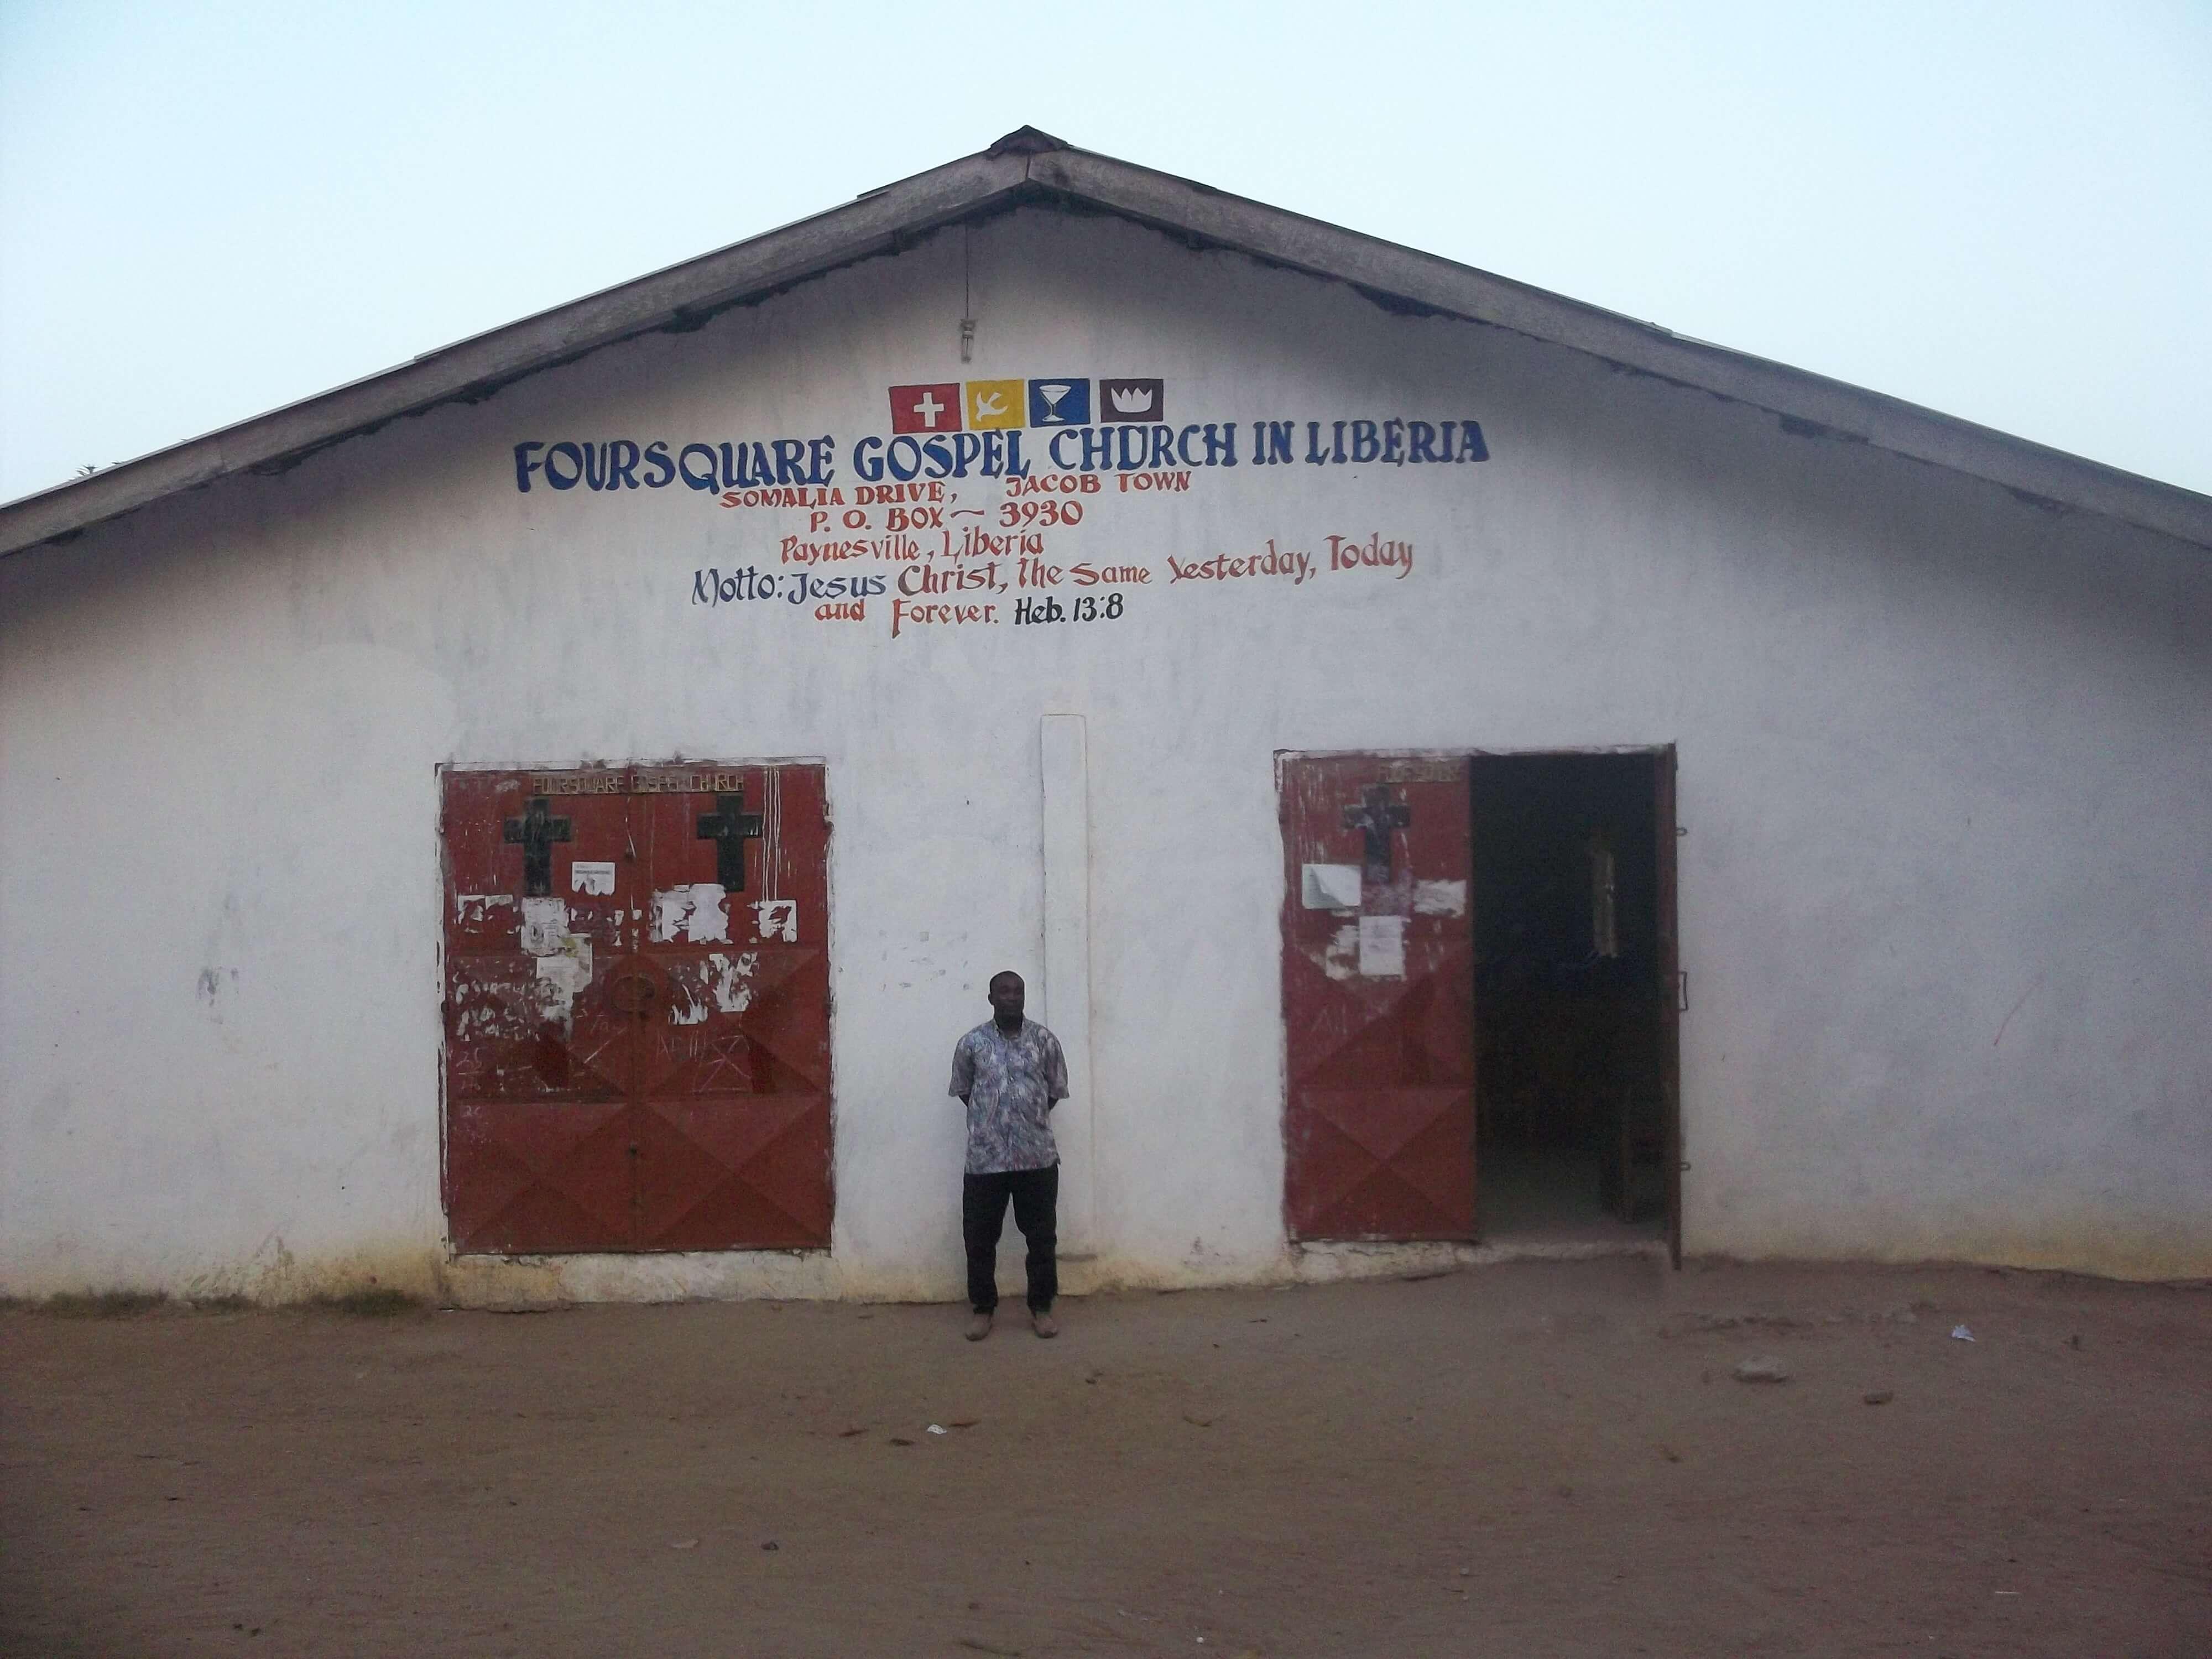 Nous sommes là pour une mission avec les Eglises Foursquare du Liberia